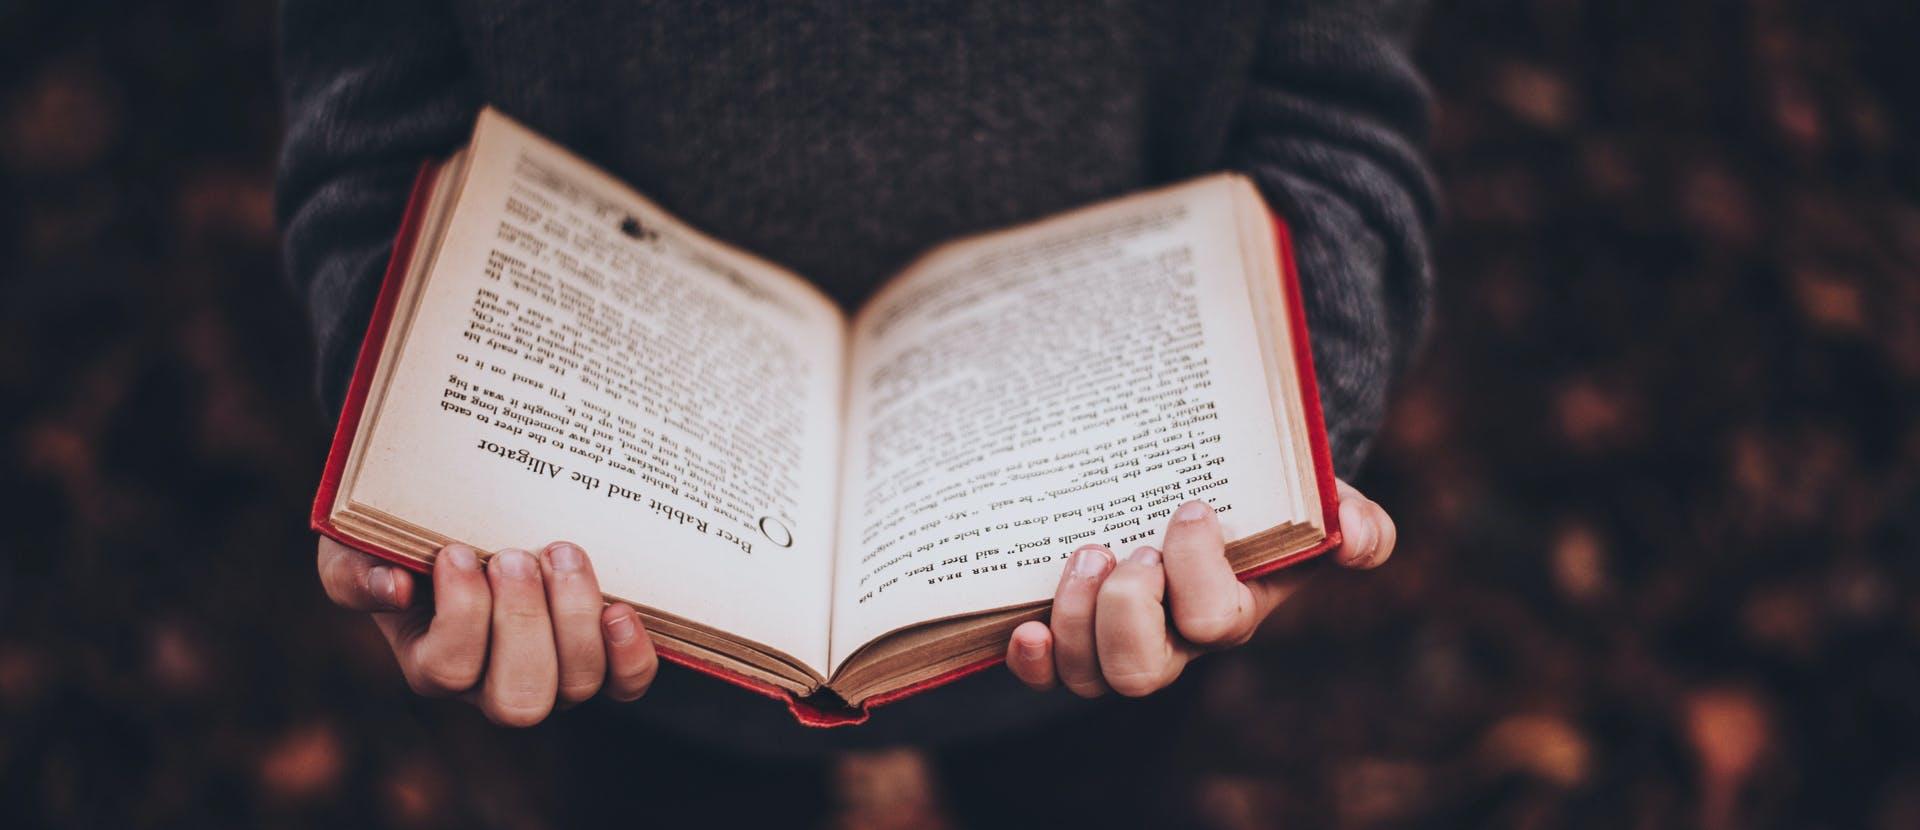 I 5 premi letterari che ogni scrittore vorrebbe vincere